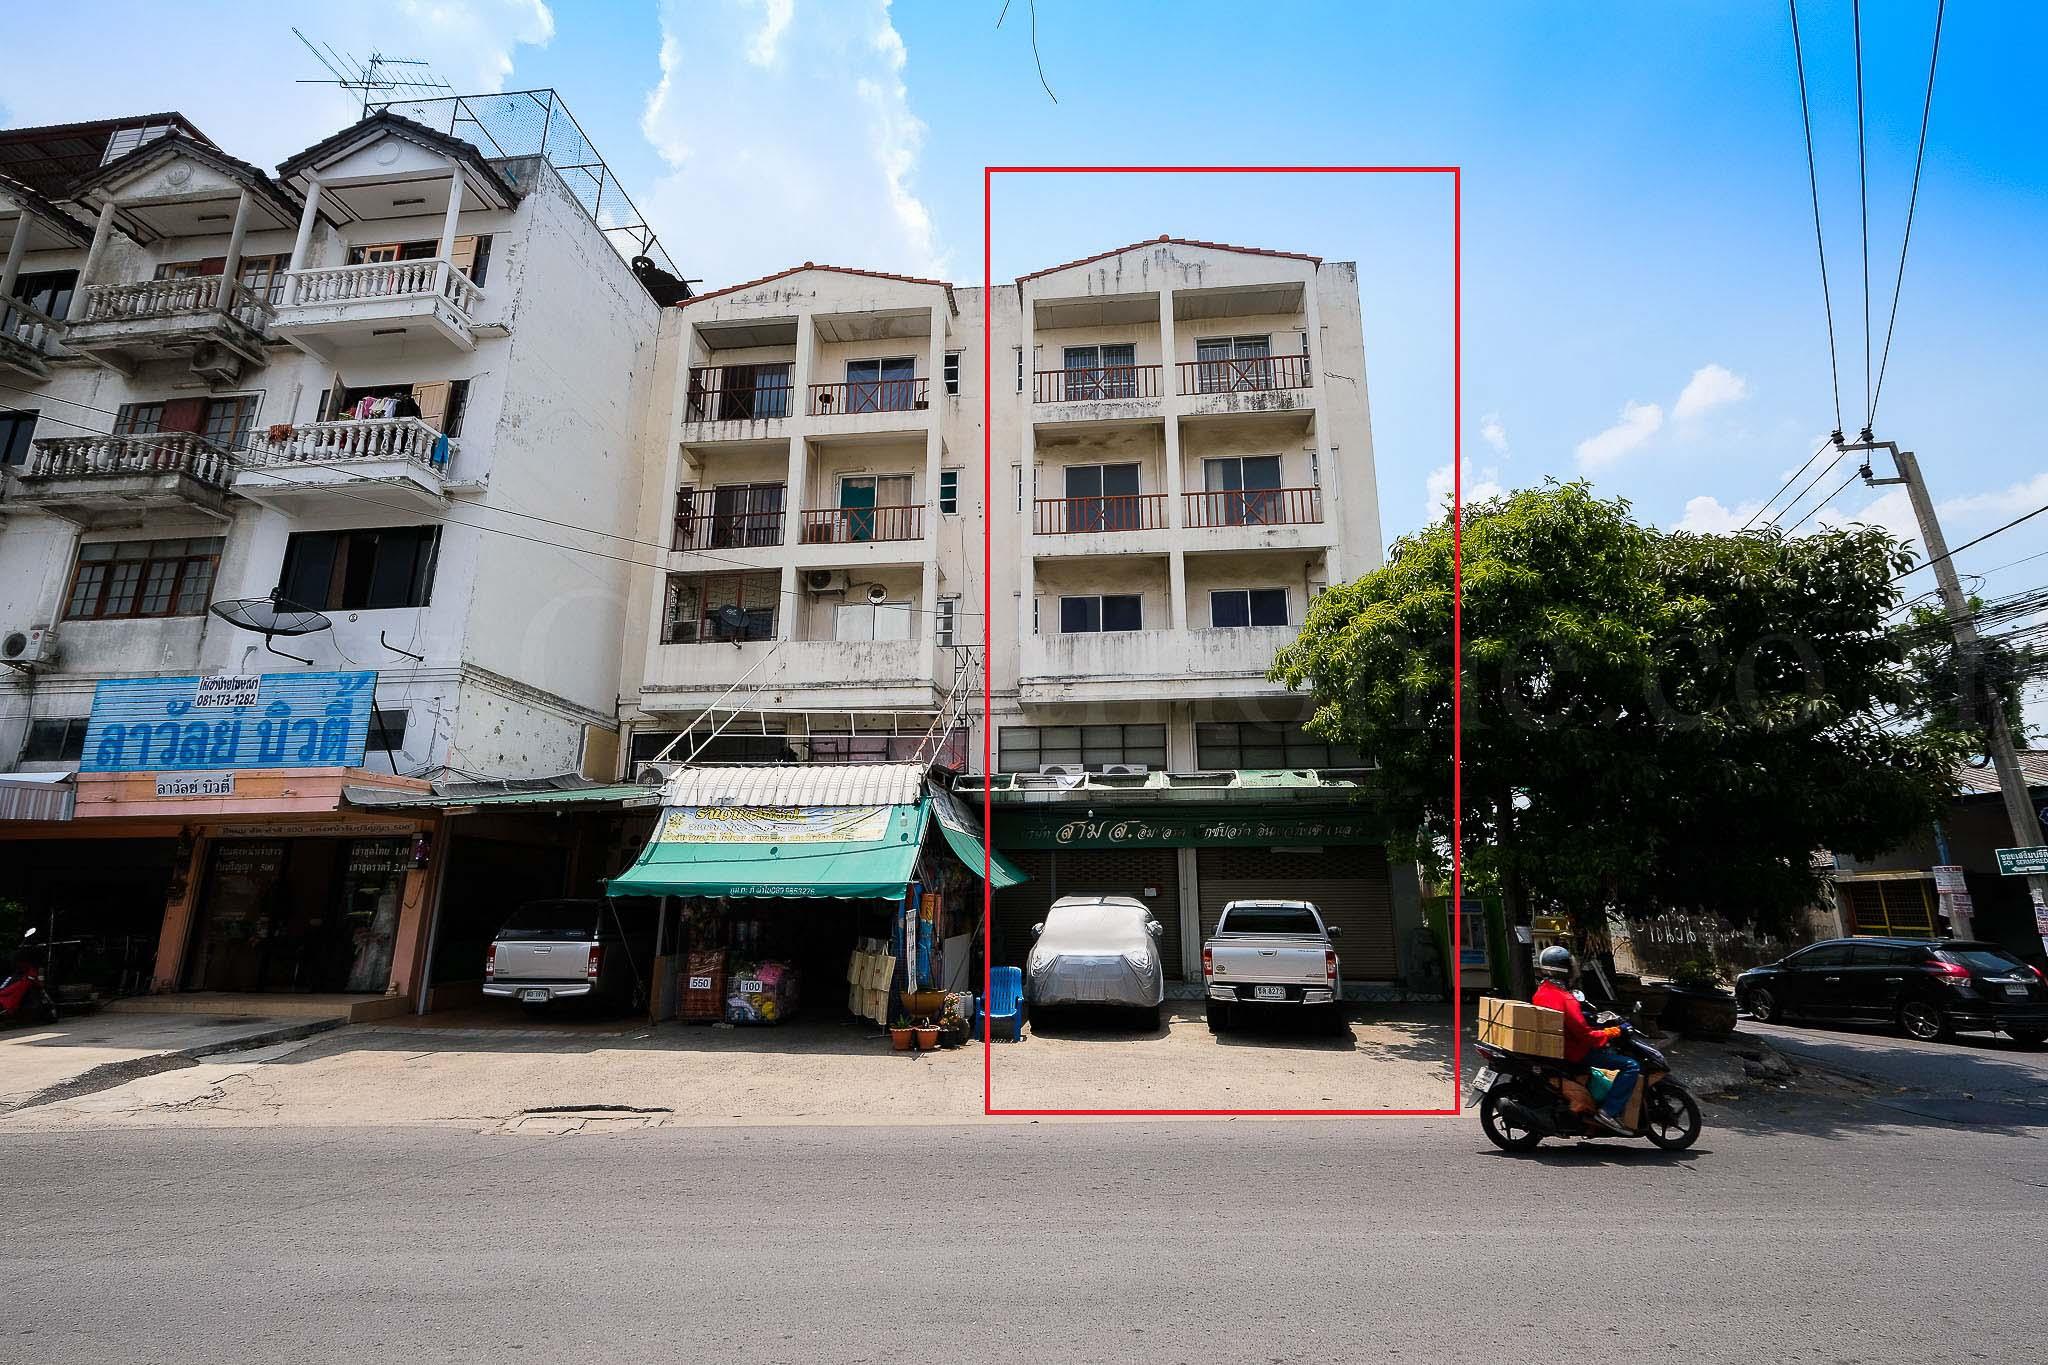 อาคารพาณิชย์ 5 ชั้น 2 คูหา ติดถนน ประชาอุทิศ ดอนเมือง หลังมุม